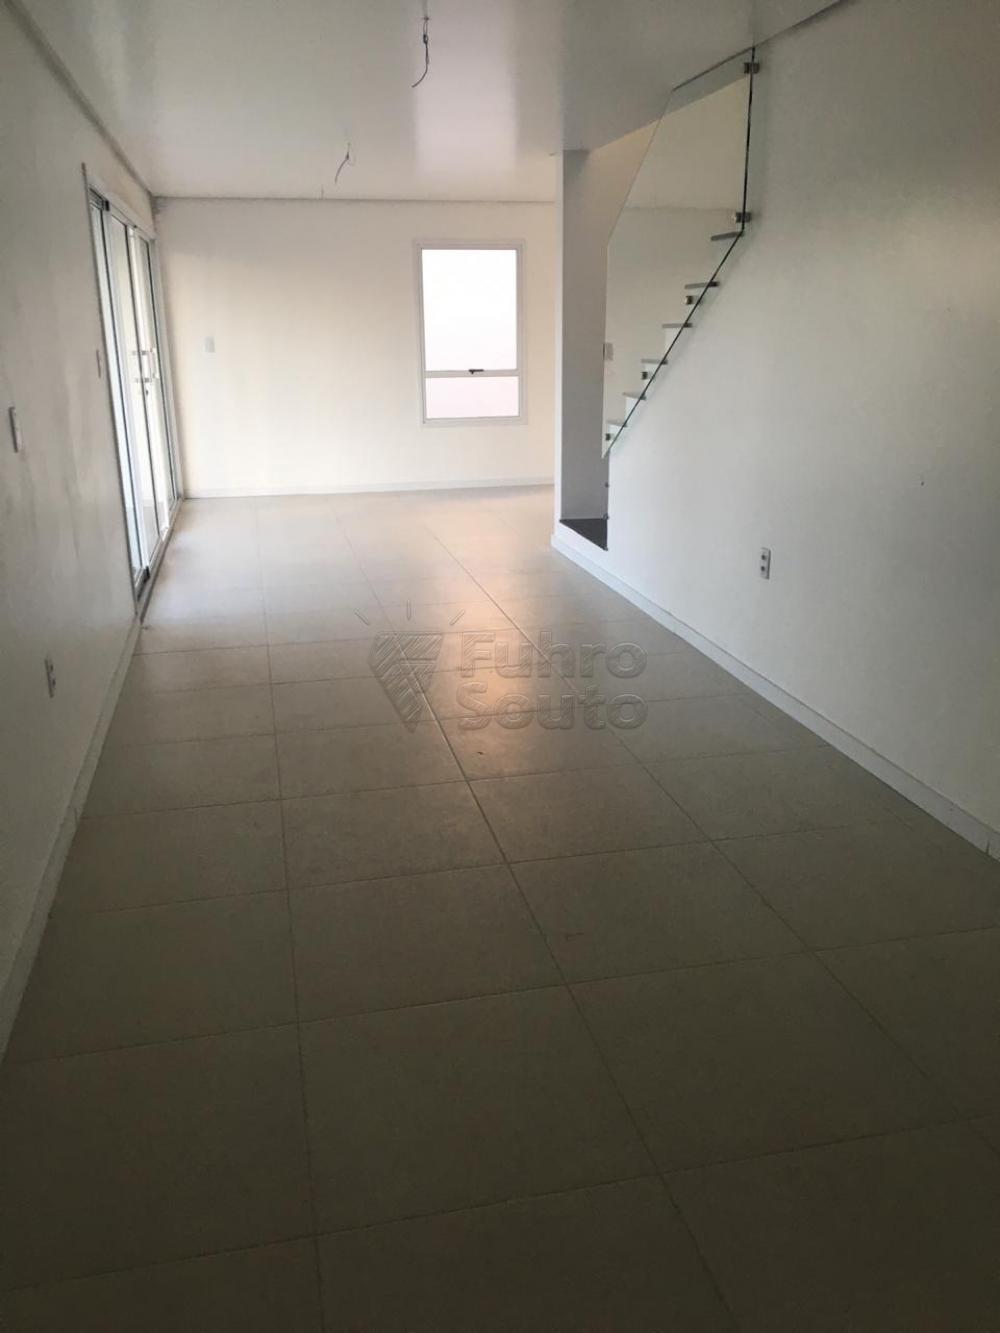 Comprar Casa / Padrão em Pelotas R$ 426.000,00 - Foto 2